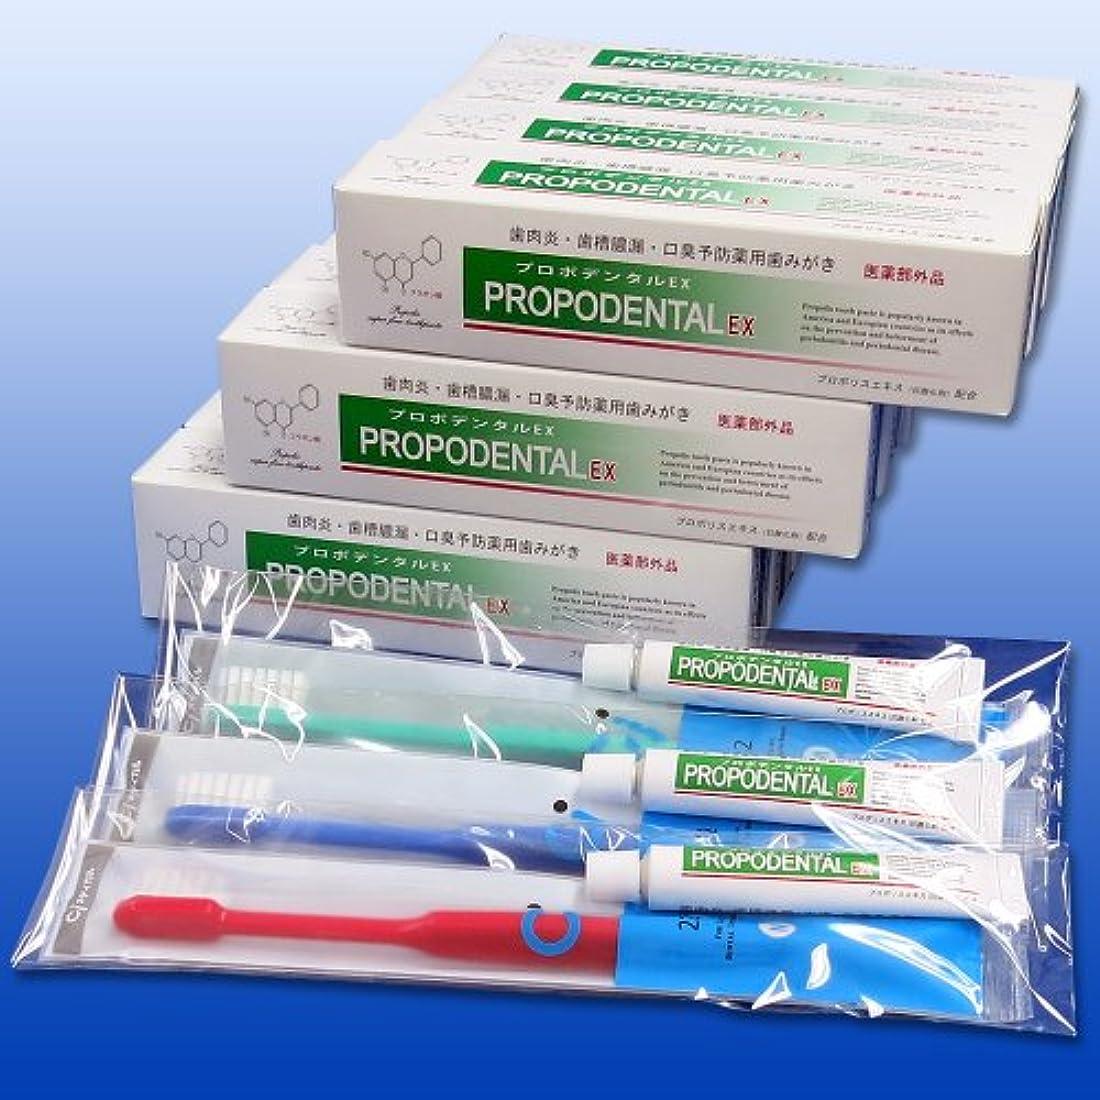 アナログ絞る並外れてプロポデンタルEX(80g)12本セット+ハブラシセット 3セット【歯周病】歯磨き粉 プロポリス配合薬用歯みがき 口臭ケア